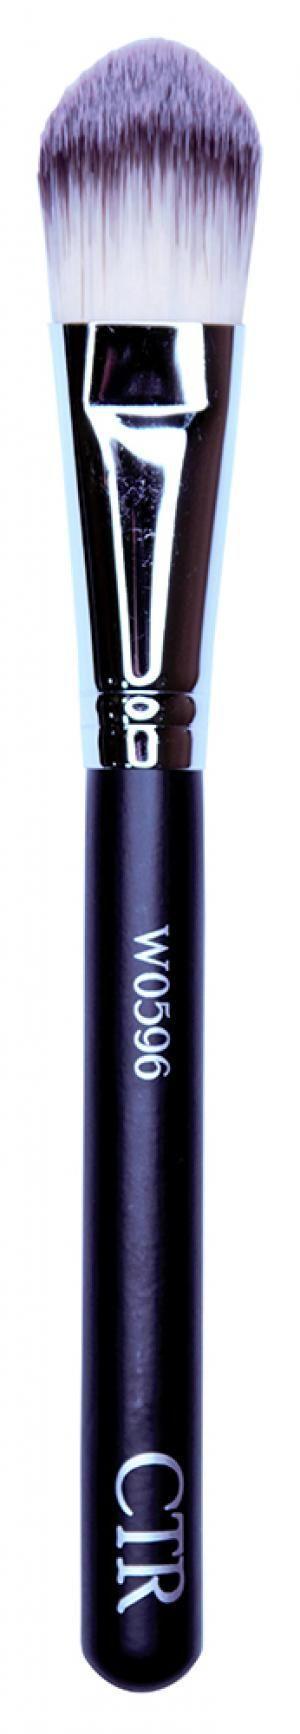 Кисть для надання тону ворс синтетика W0596  - 00-00011537